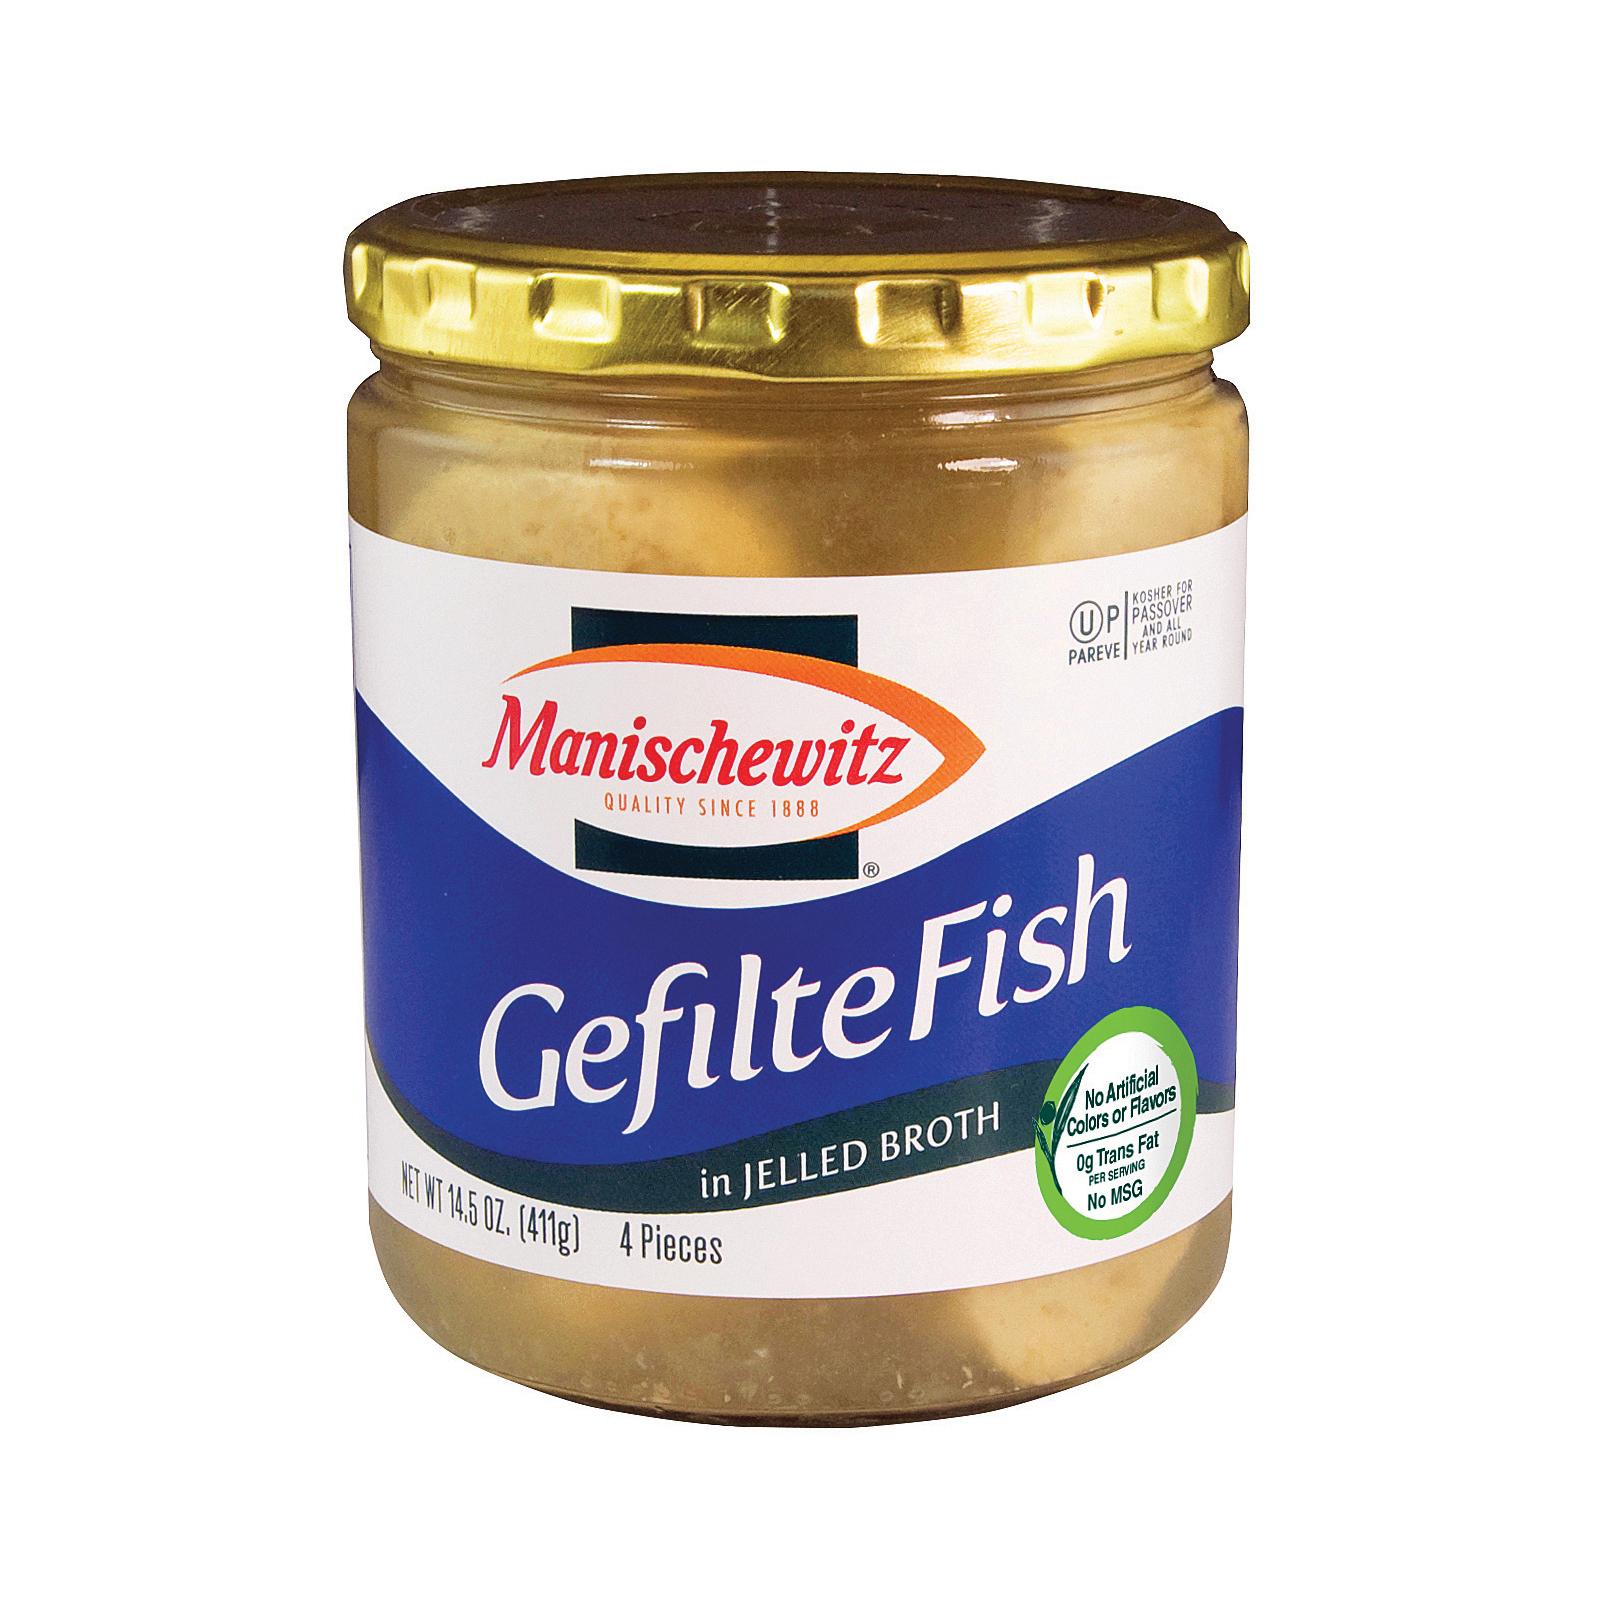 Manischewitz Gefilte Fish In Jelled Broth - Case Of 12 - 14.5 Oz.